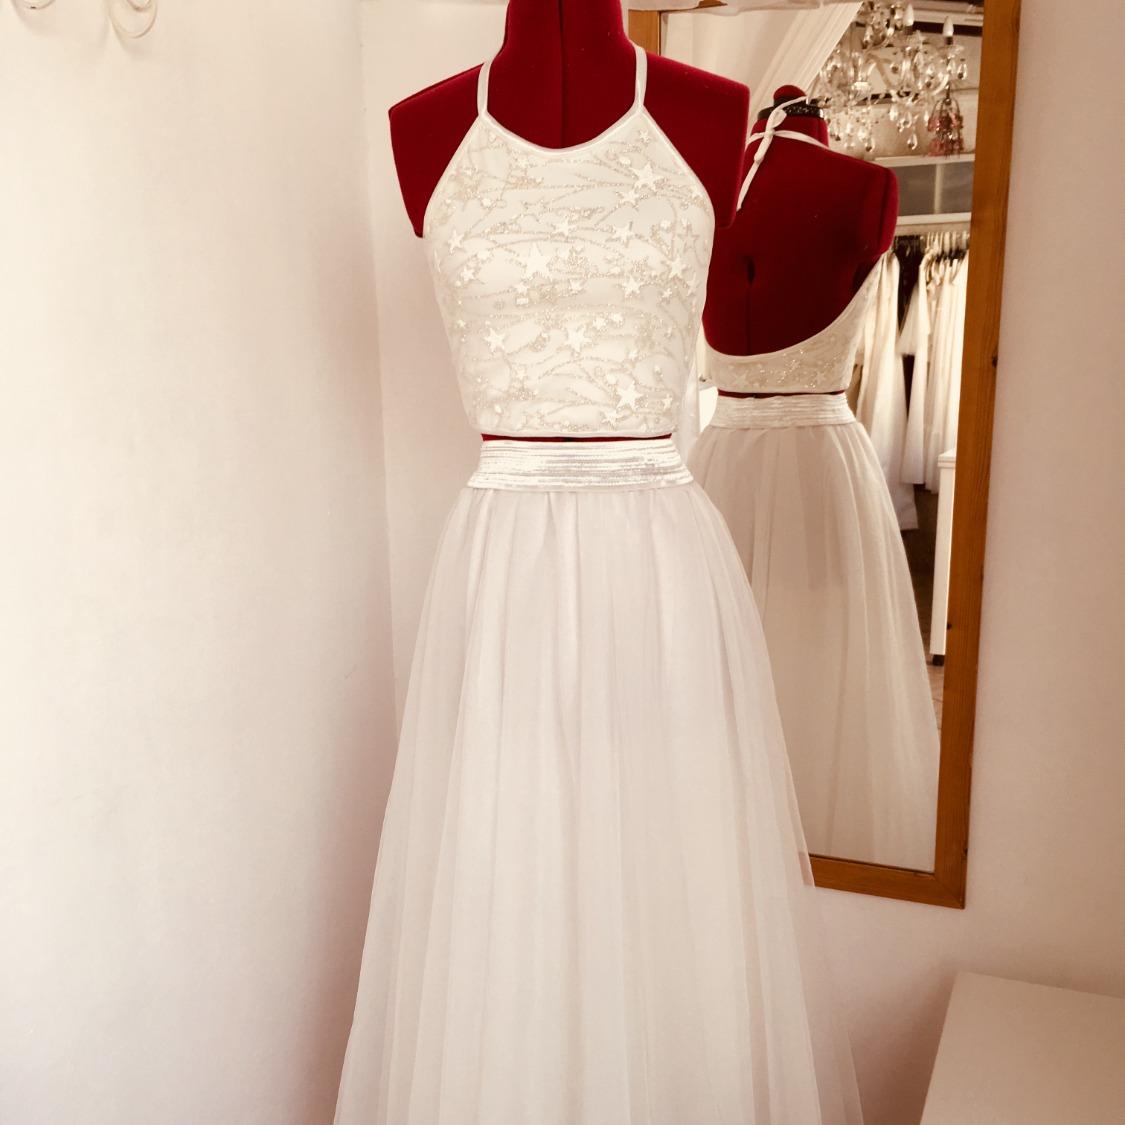 חצאית טוטו ארוכה לבנה וטופ עם כוכבים